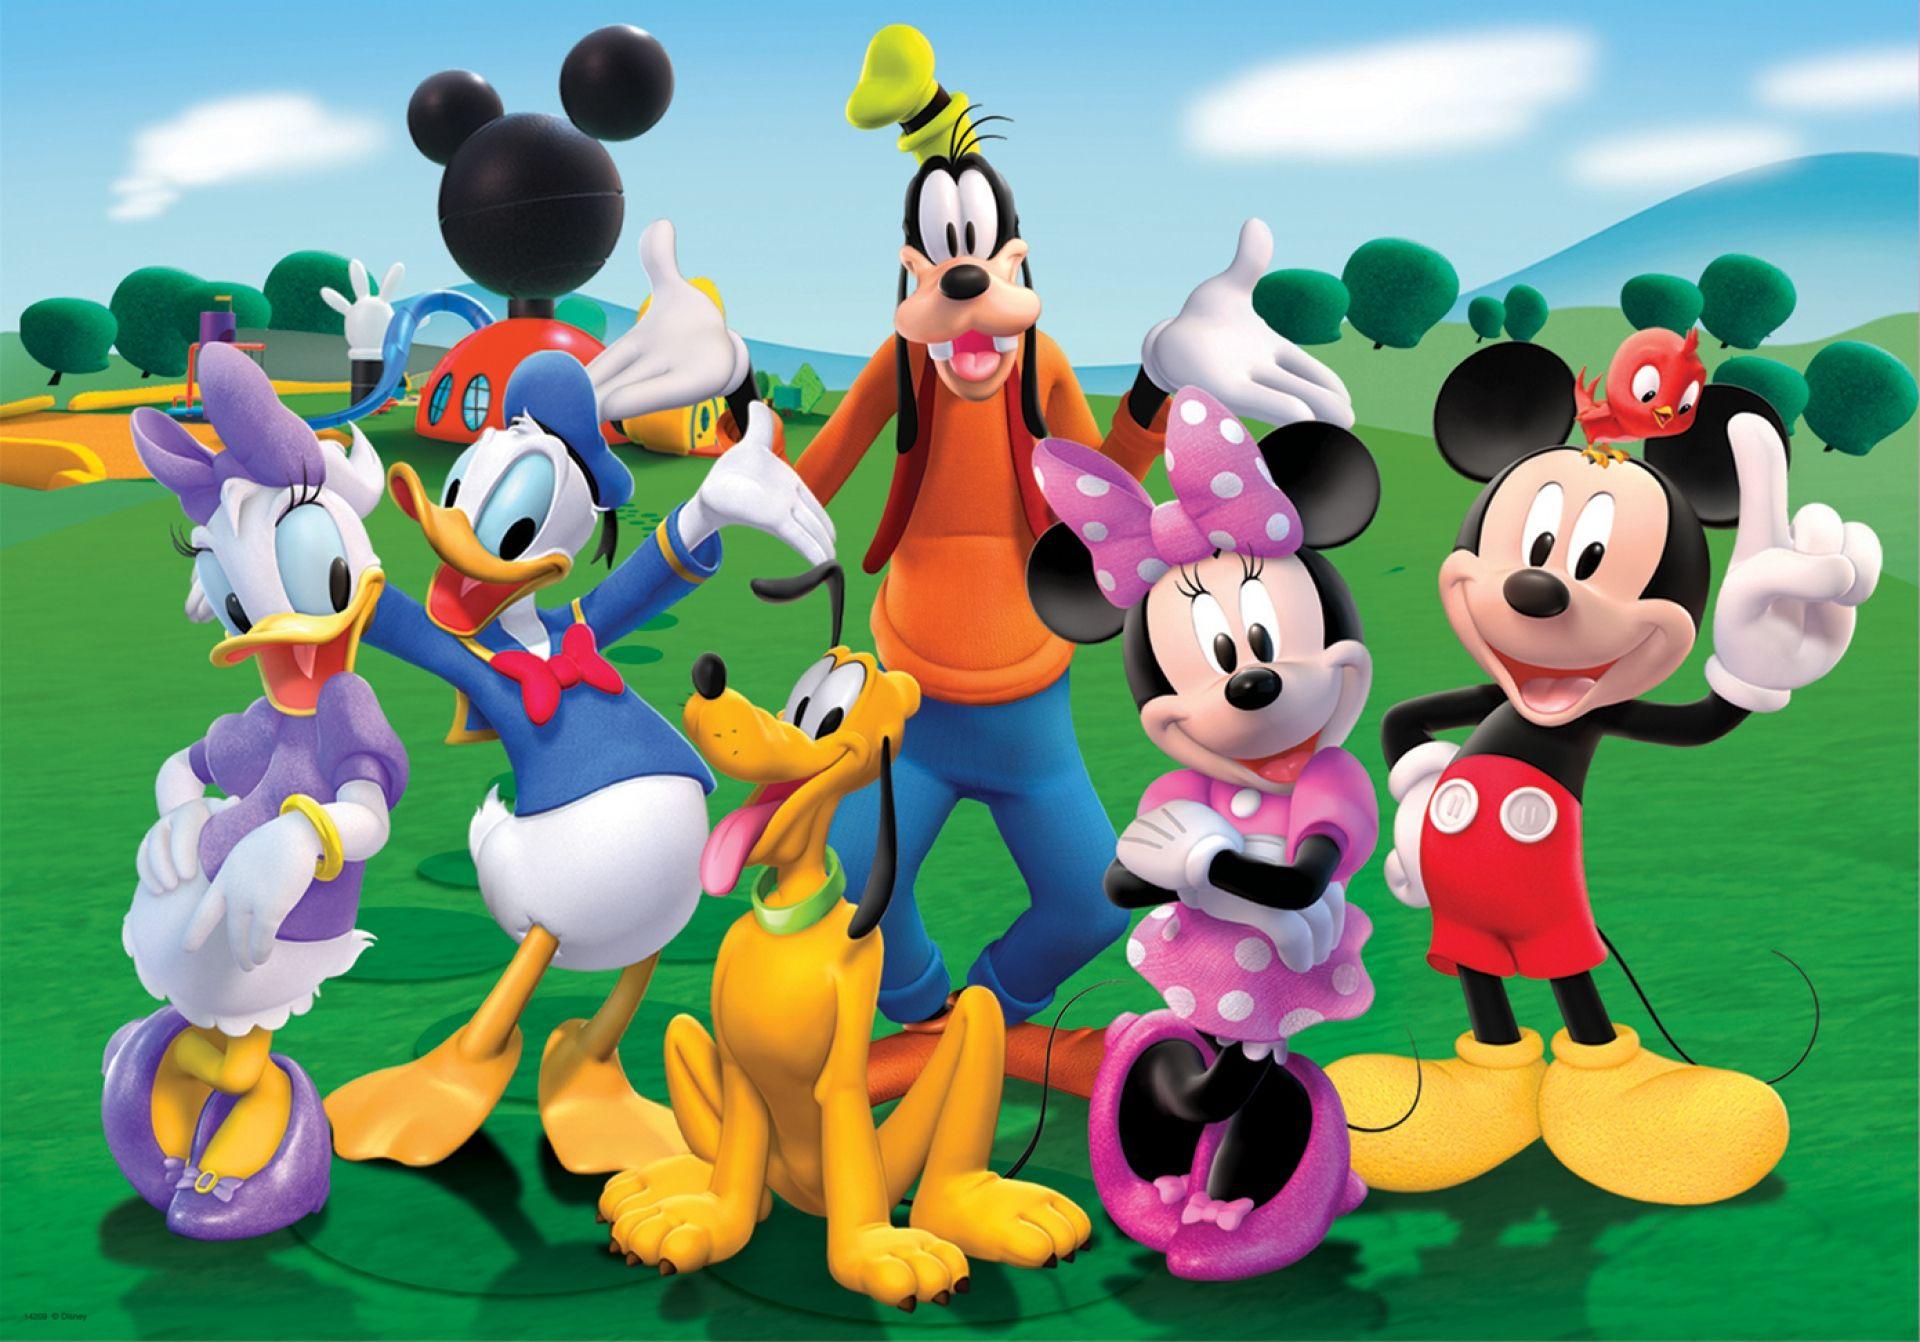 fotos de mickey mouse - Buscar con Google | MICKEY MOUSE | Pinterest